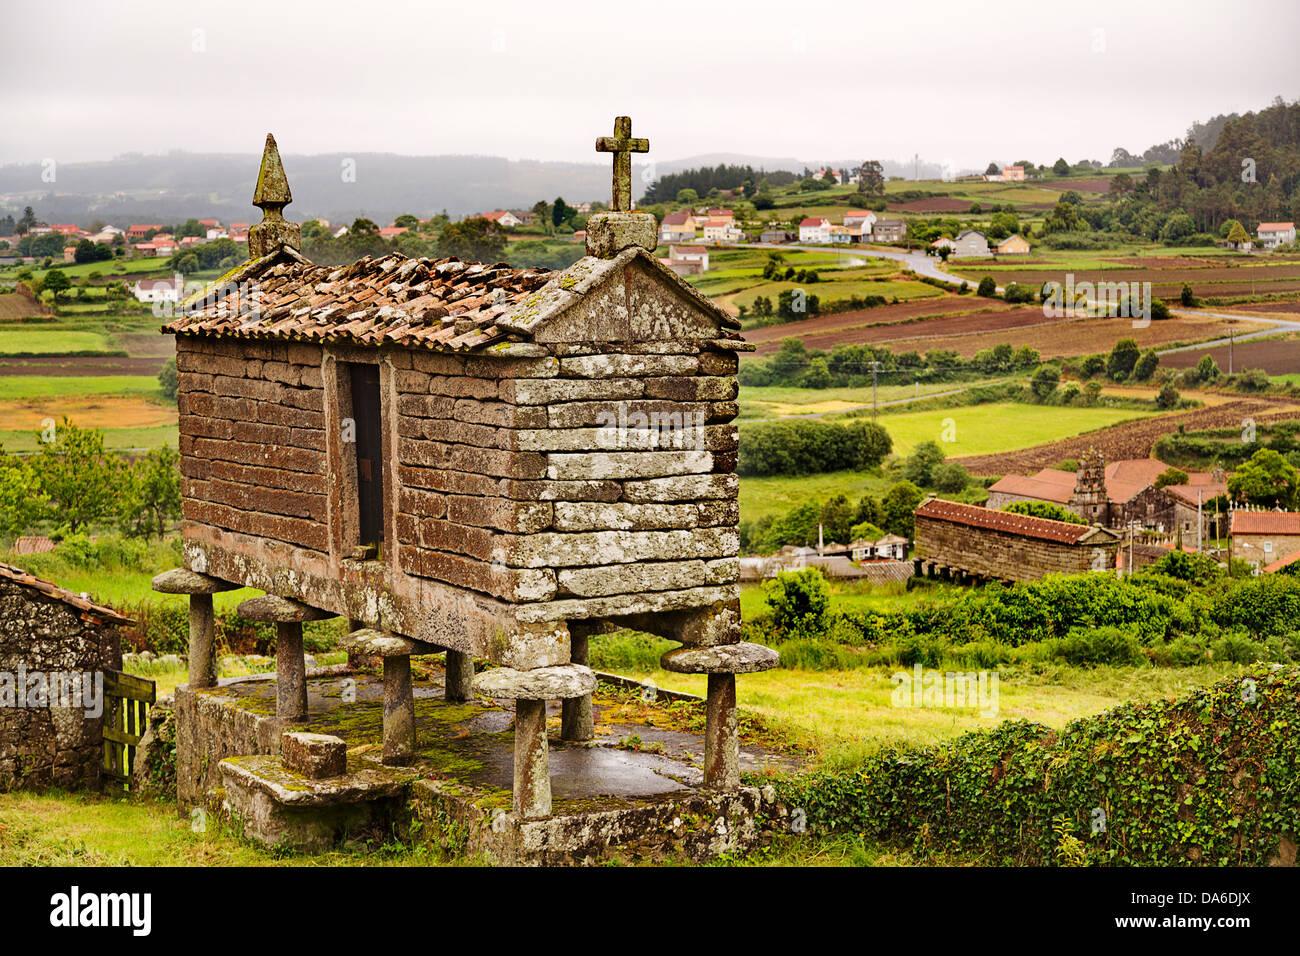 Camino Xacobeo de Santiago Horreo San Martin de Ozon La Coruña Galicia Spain - Stock Image